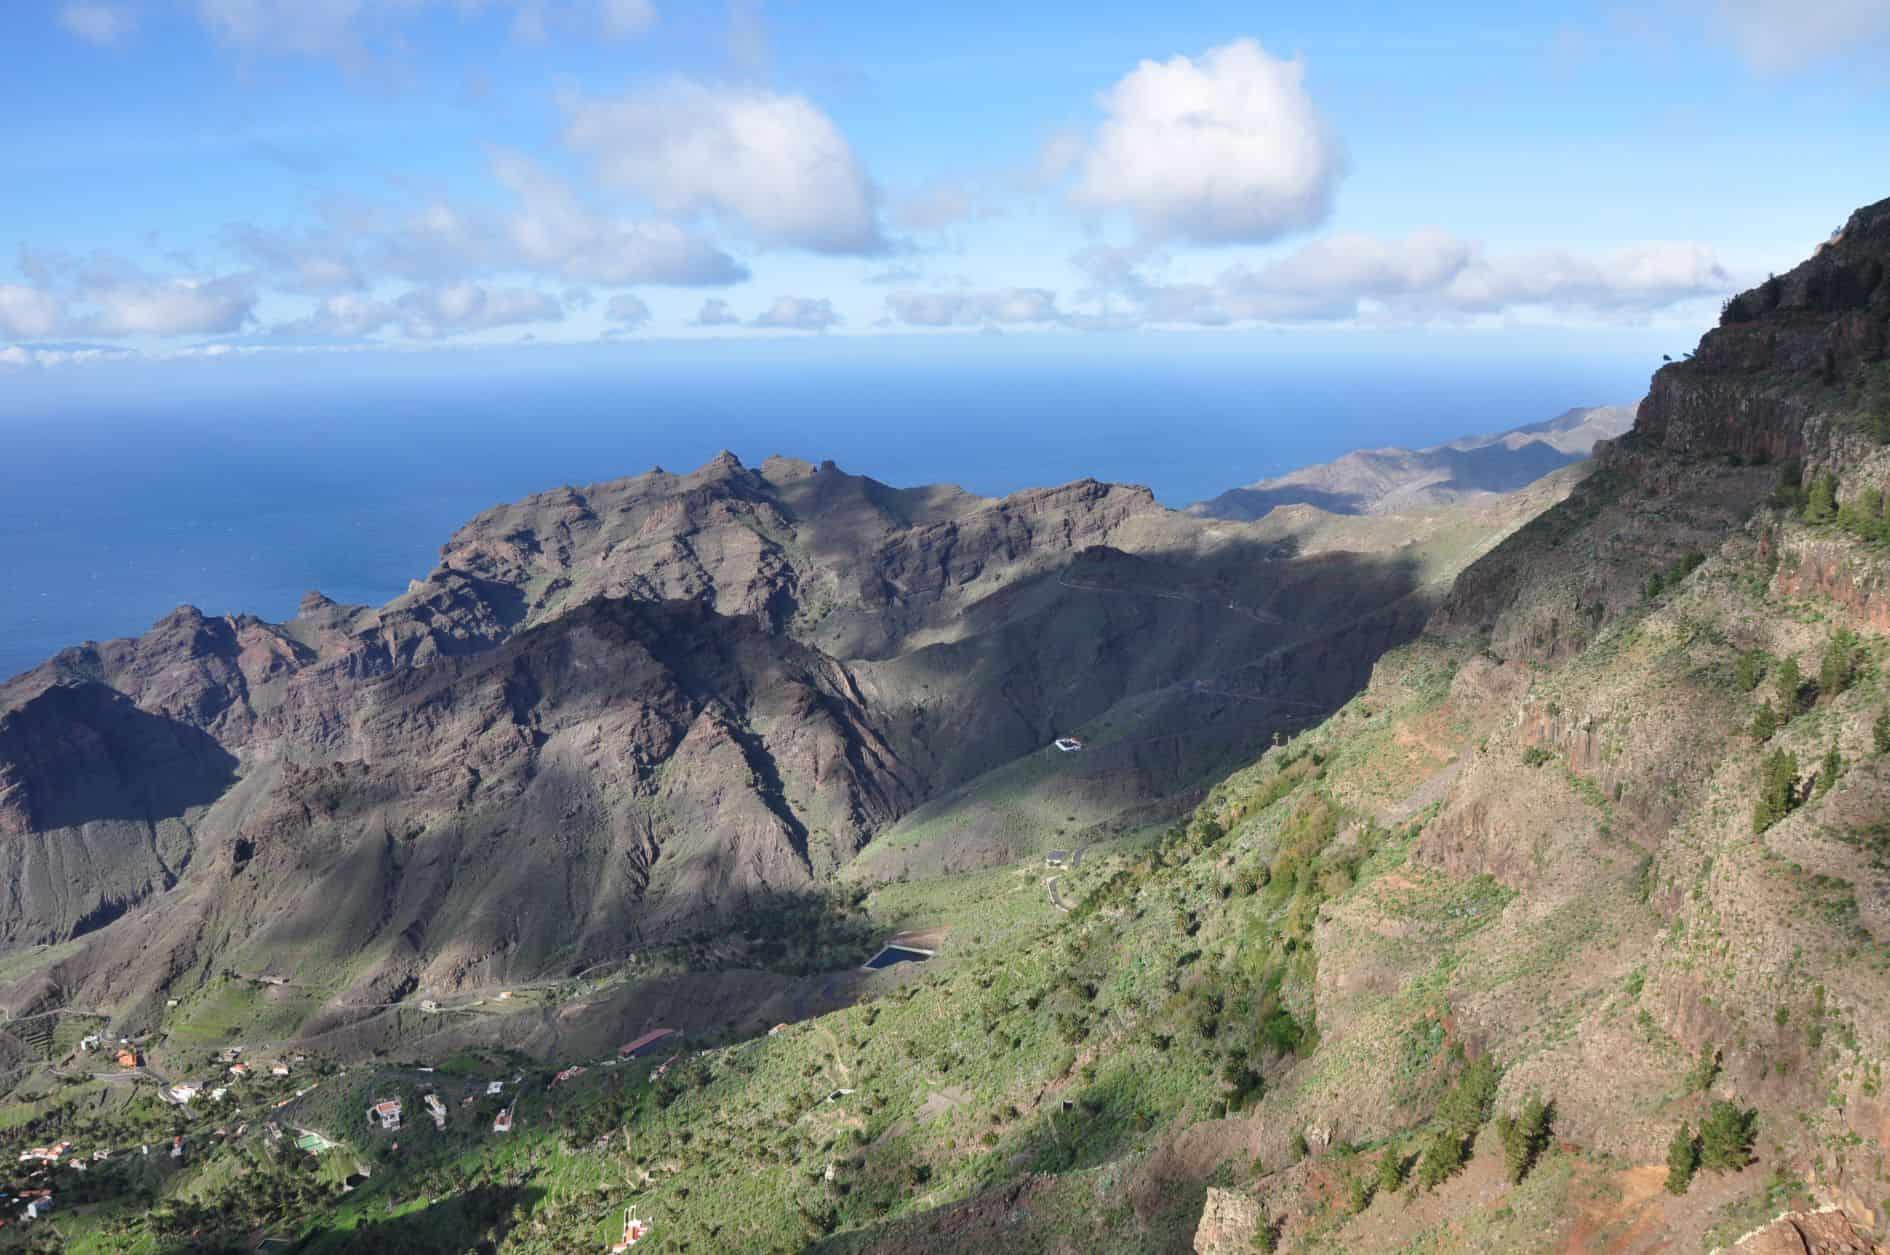 """Neues Reiseangebot im Biosphärenreservat La Gomera  """"Berge und Meer"""""""